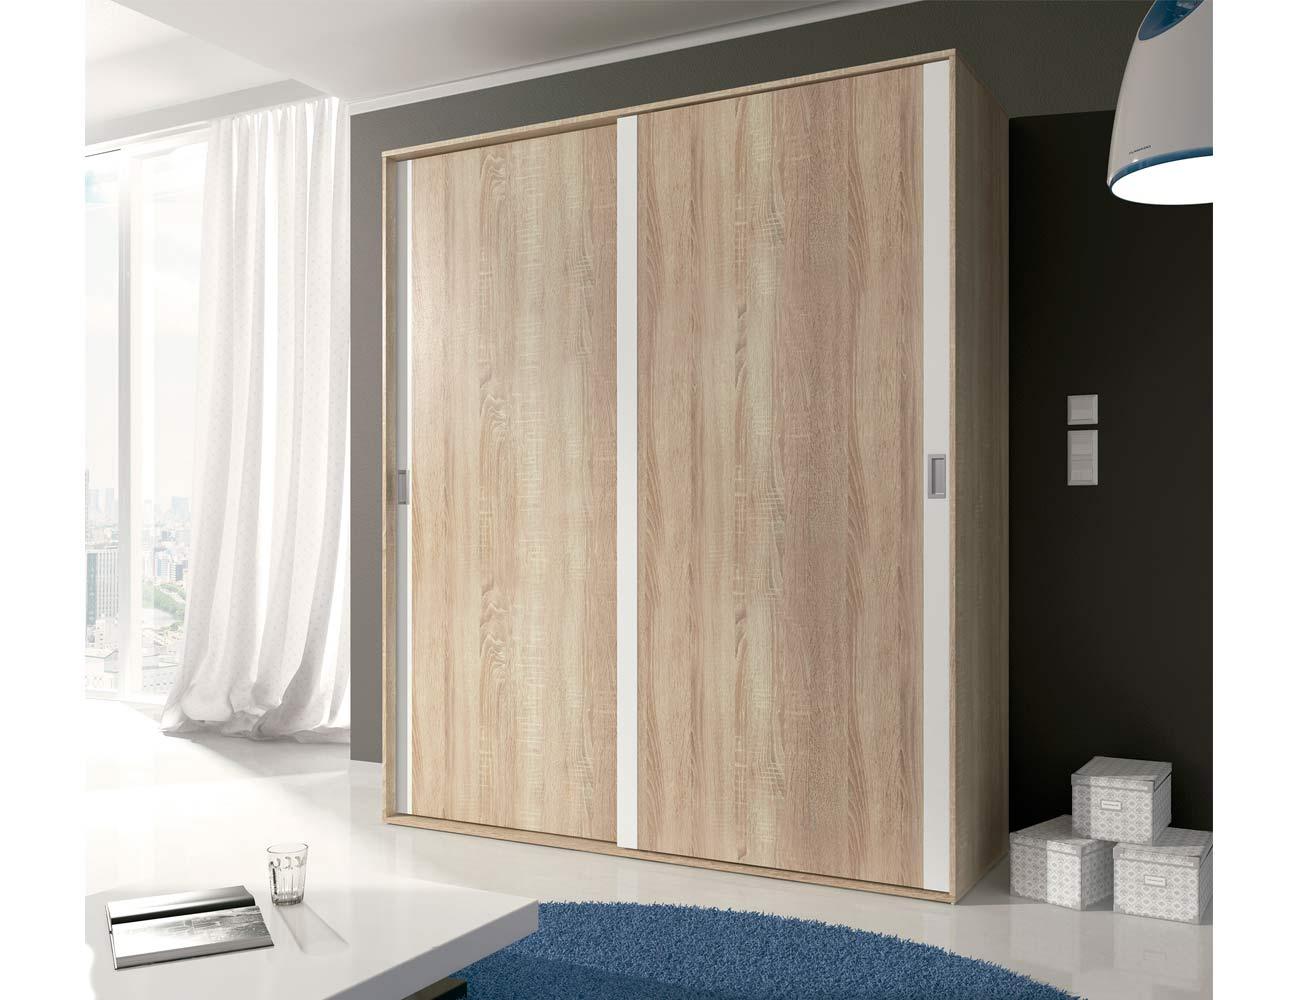 Armario Ropa Blanca ~ Armario de 2 puertas correderas estilo moderno en cambrian con blanco (6303) Factory del